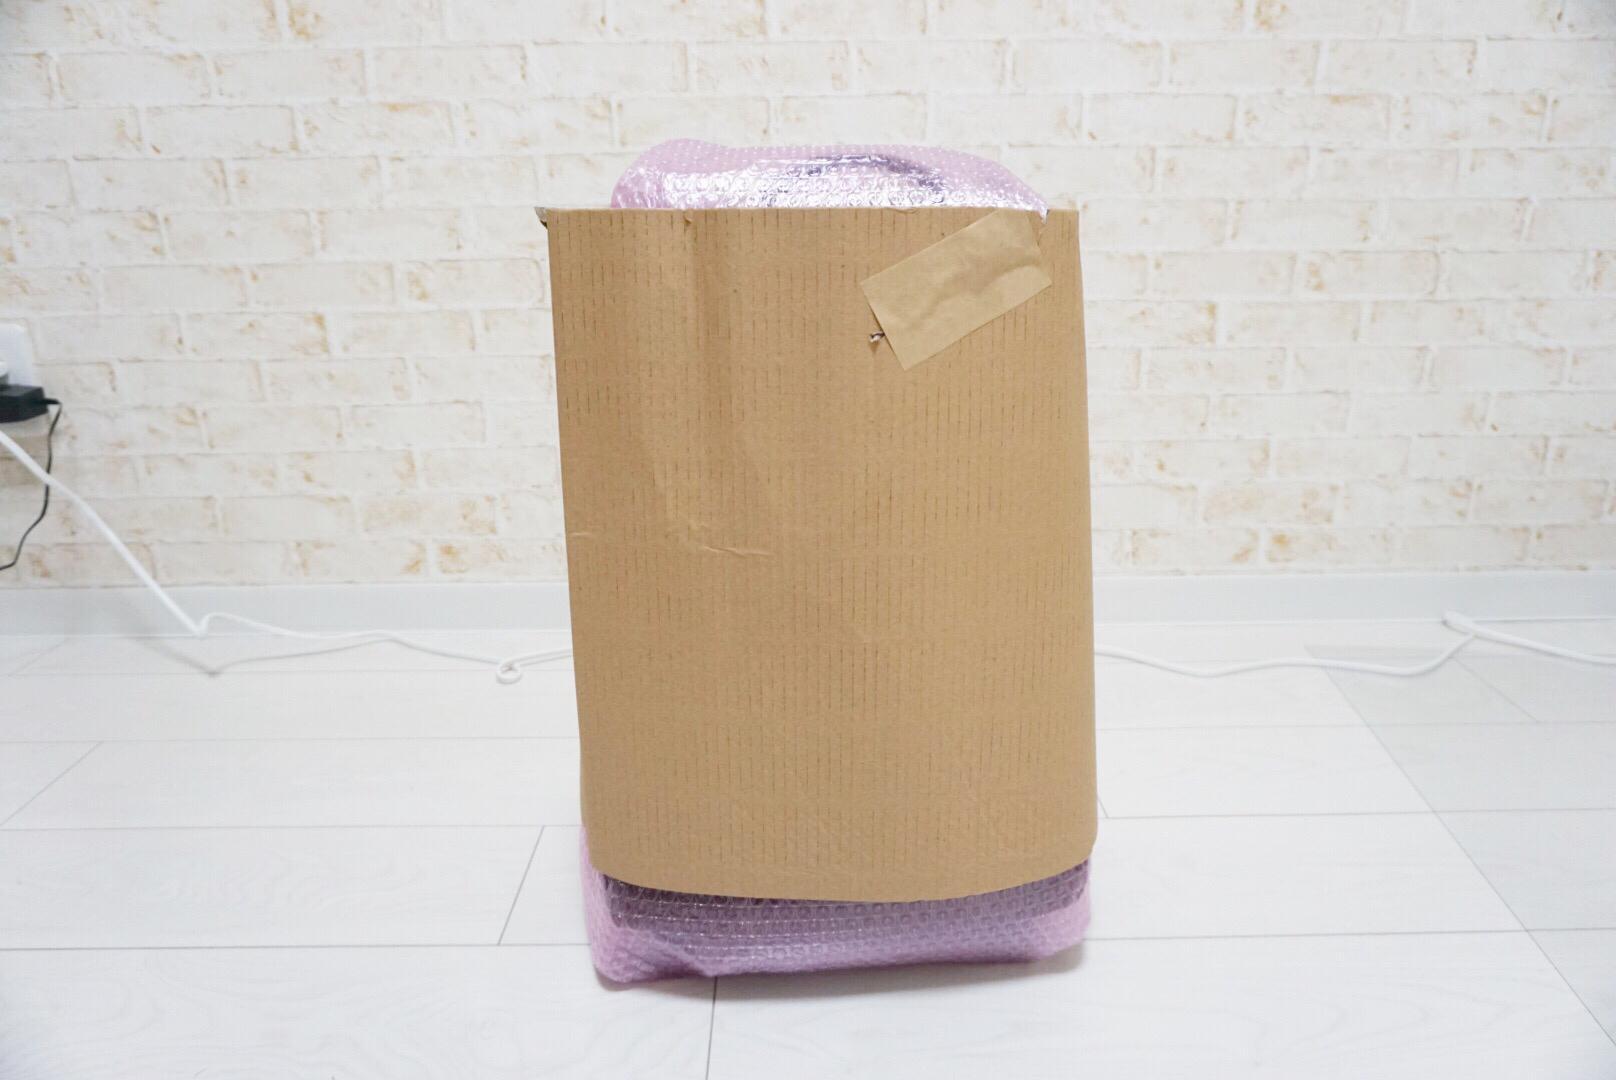 キャリーバッグの梱包方法3